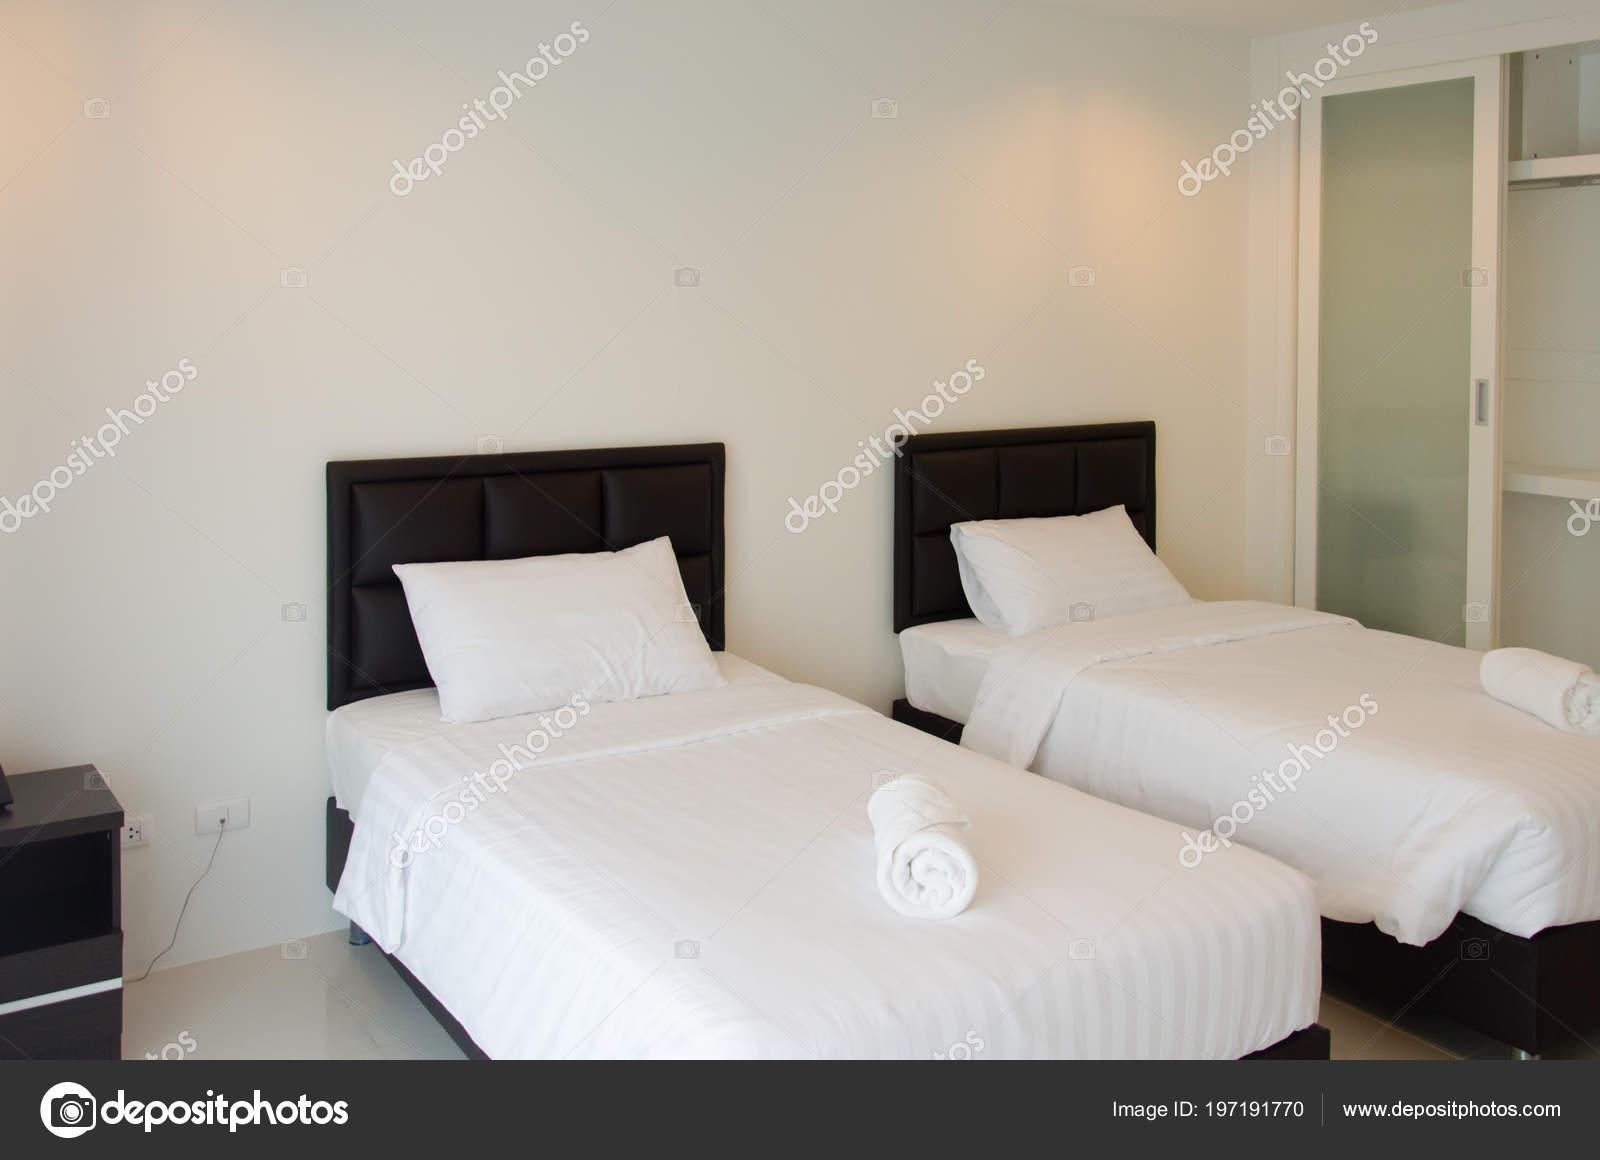 Moderne Betten Schlafzimmer Interior Design — Stockfoto © aoo8449 ...